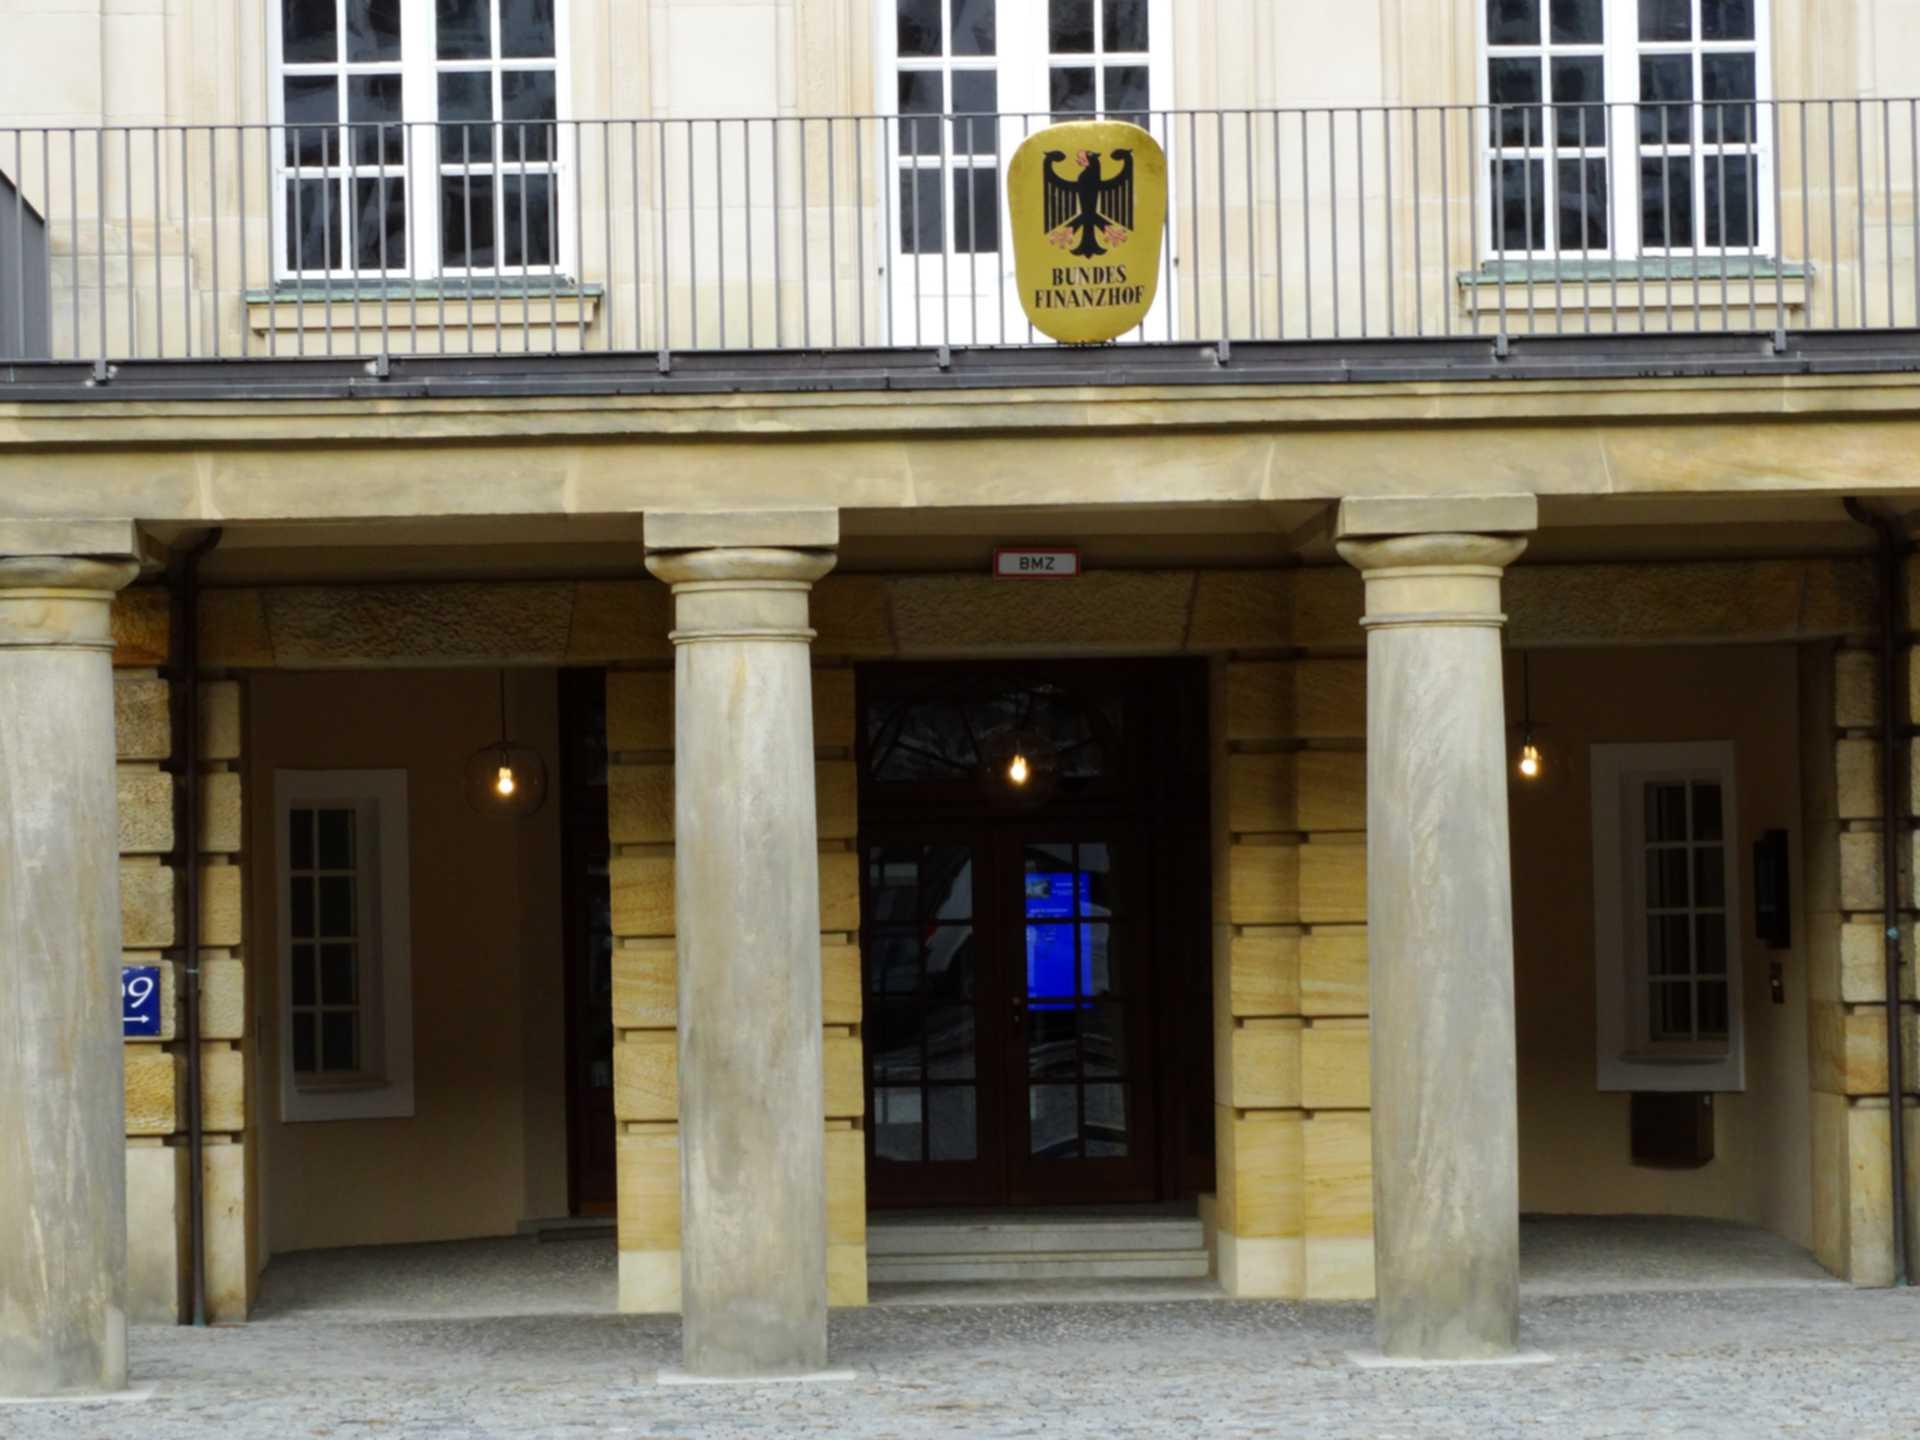 Die mißglückte StraBEG-Erklärung – und der Aufhebungsantrag des Erben